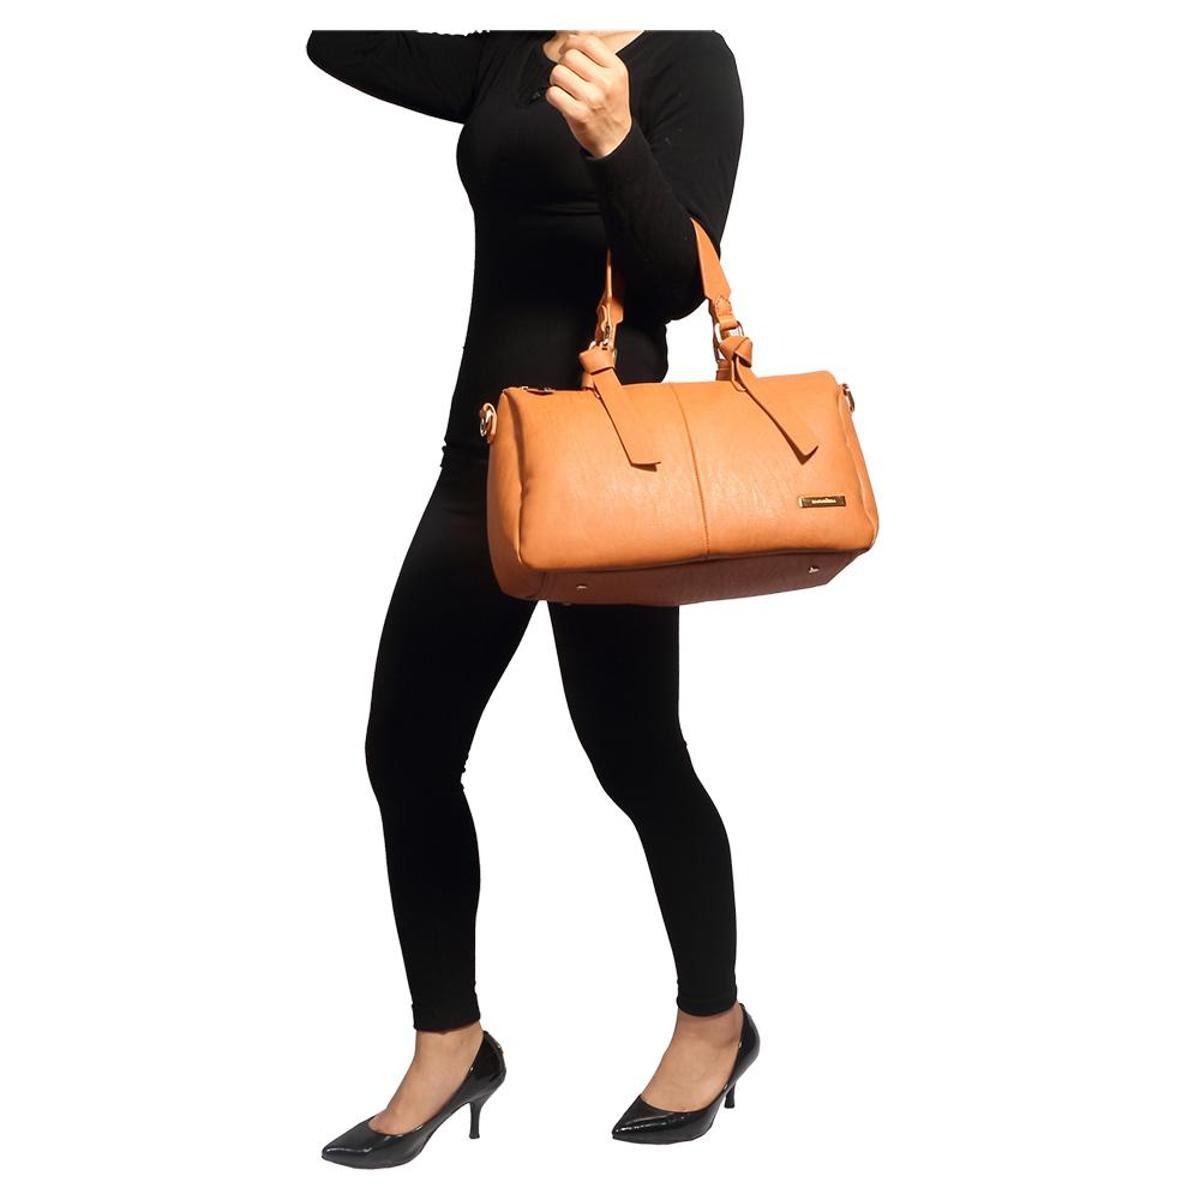 Mão Bolsa Alça Antebraço Com Ou Macadâmia Marrom De Feminina wwFqgvI